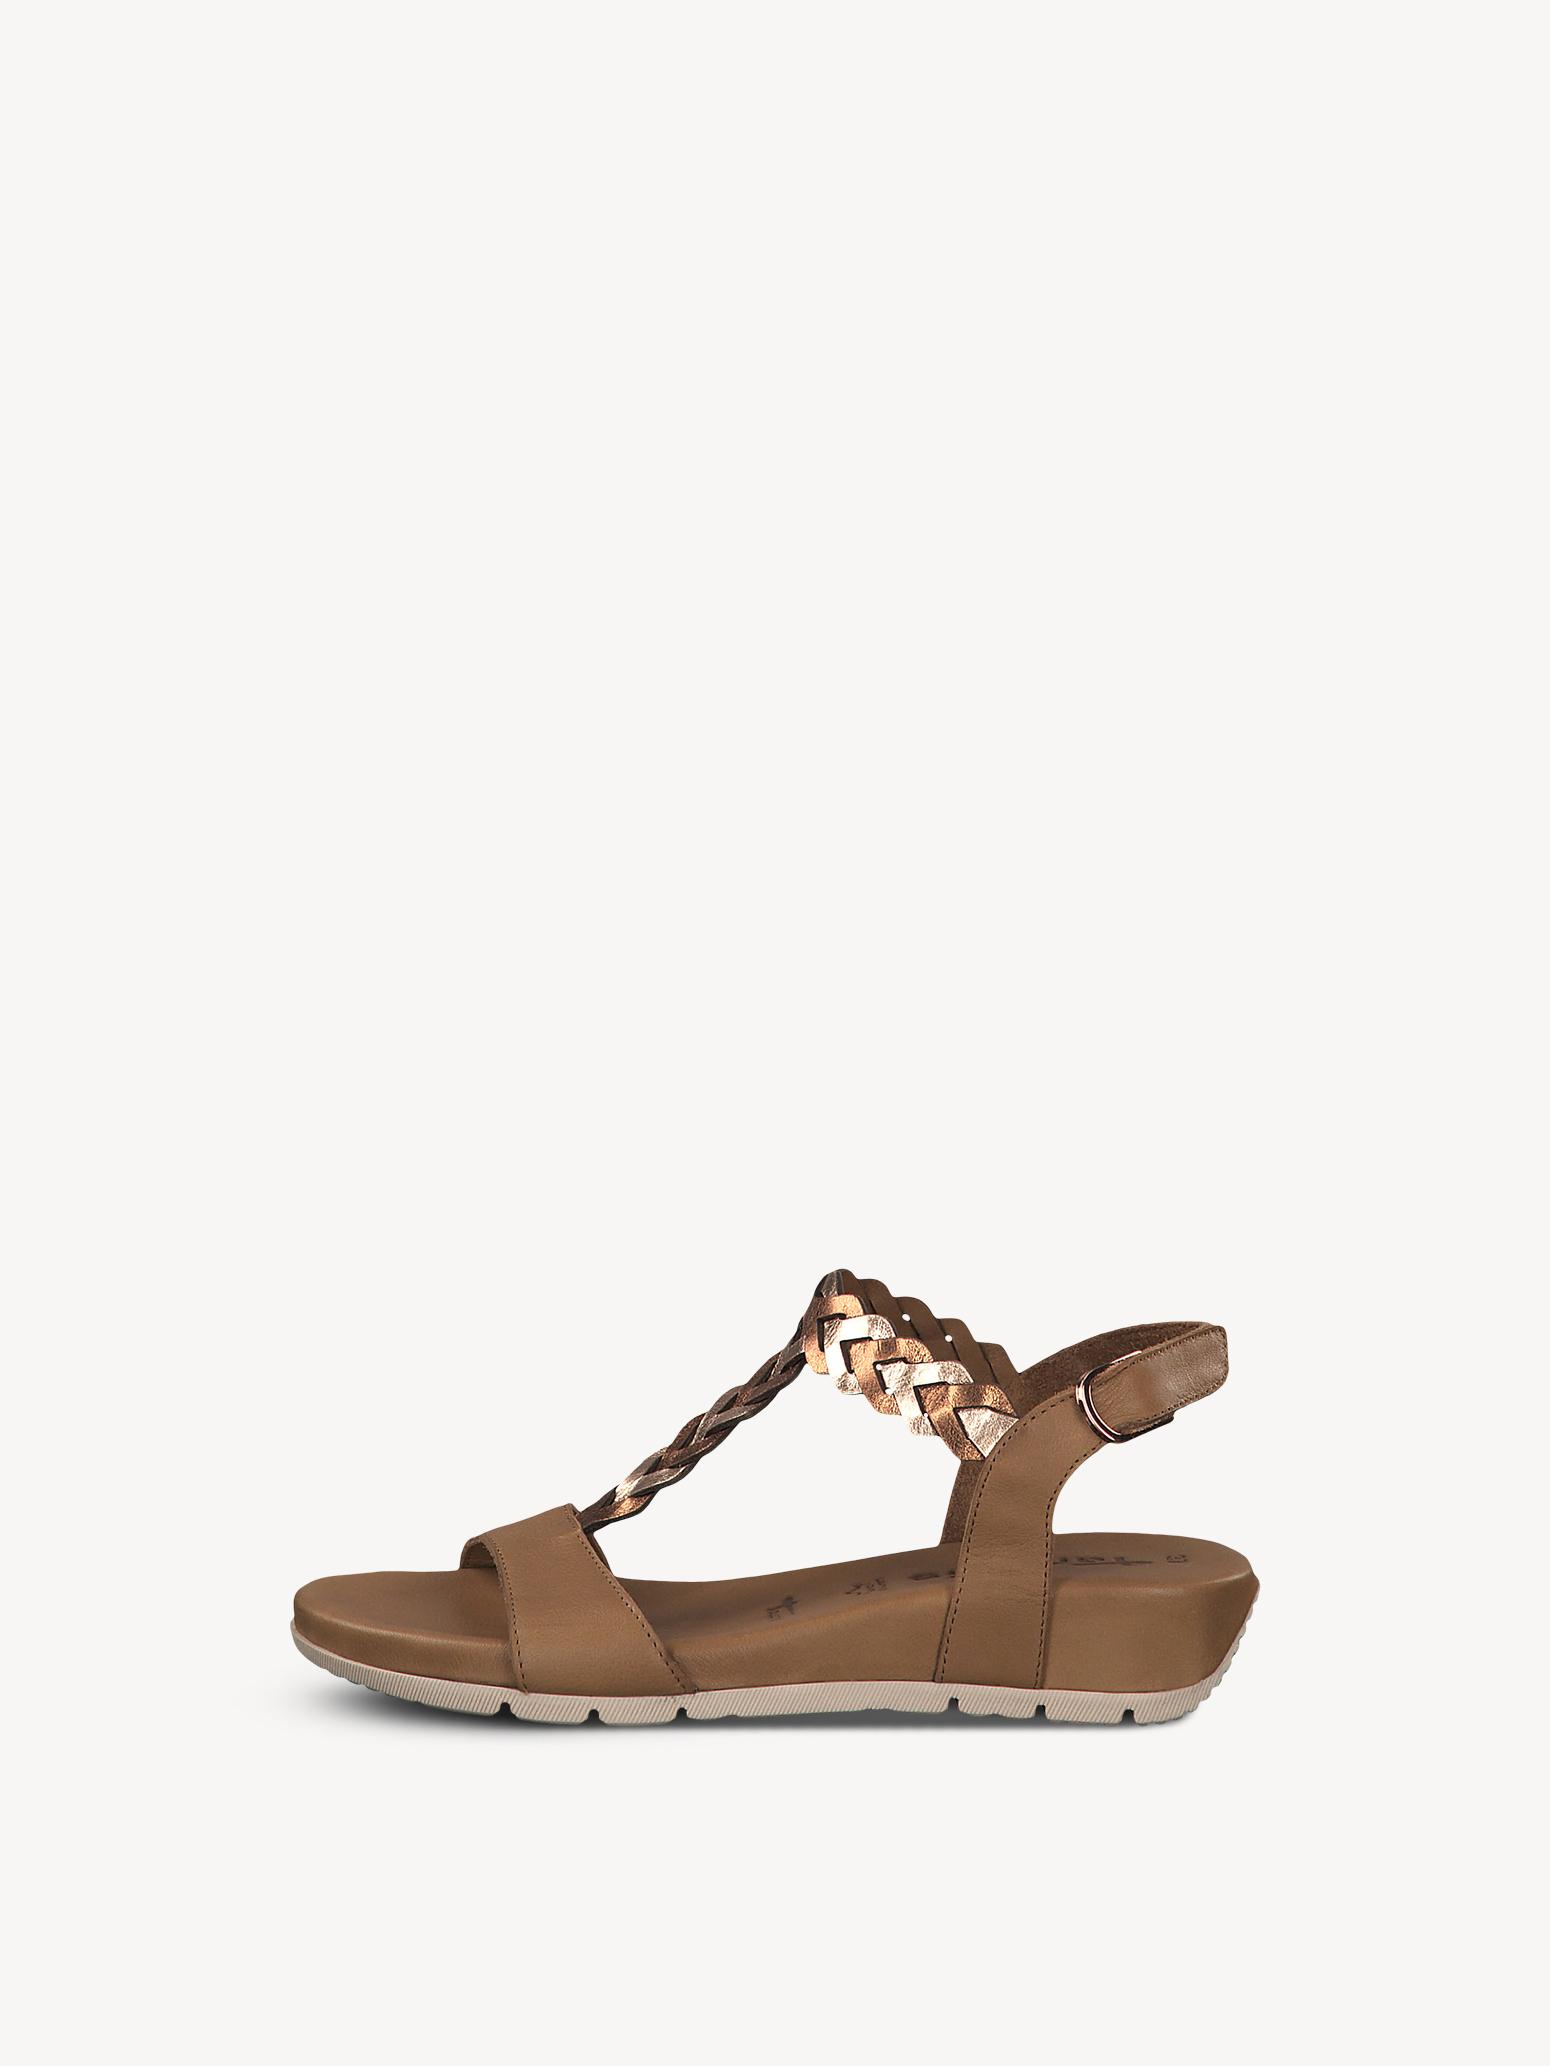 Tamaris Leder Sandalette 38 2 x getragen